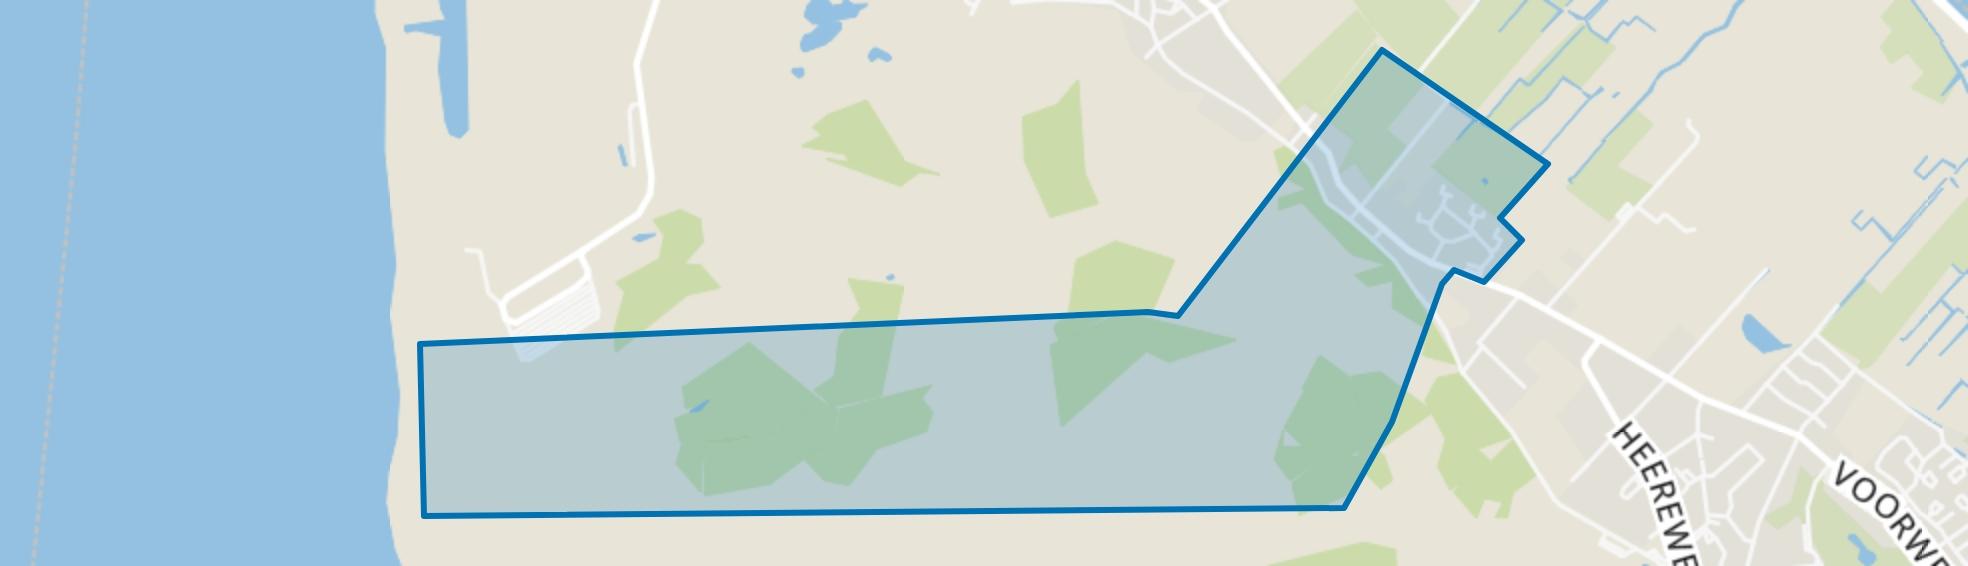 Catrijp, Schoorl map